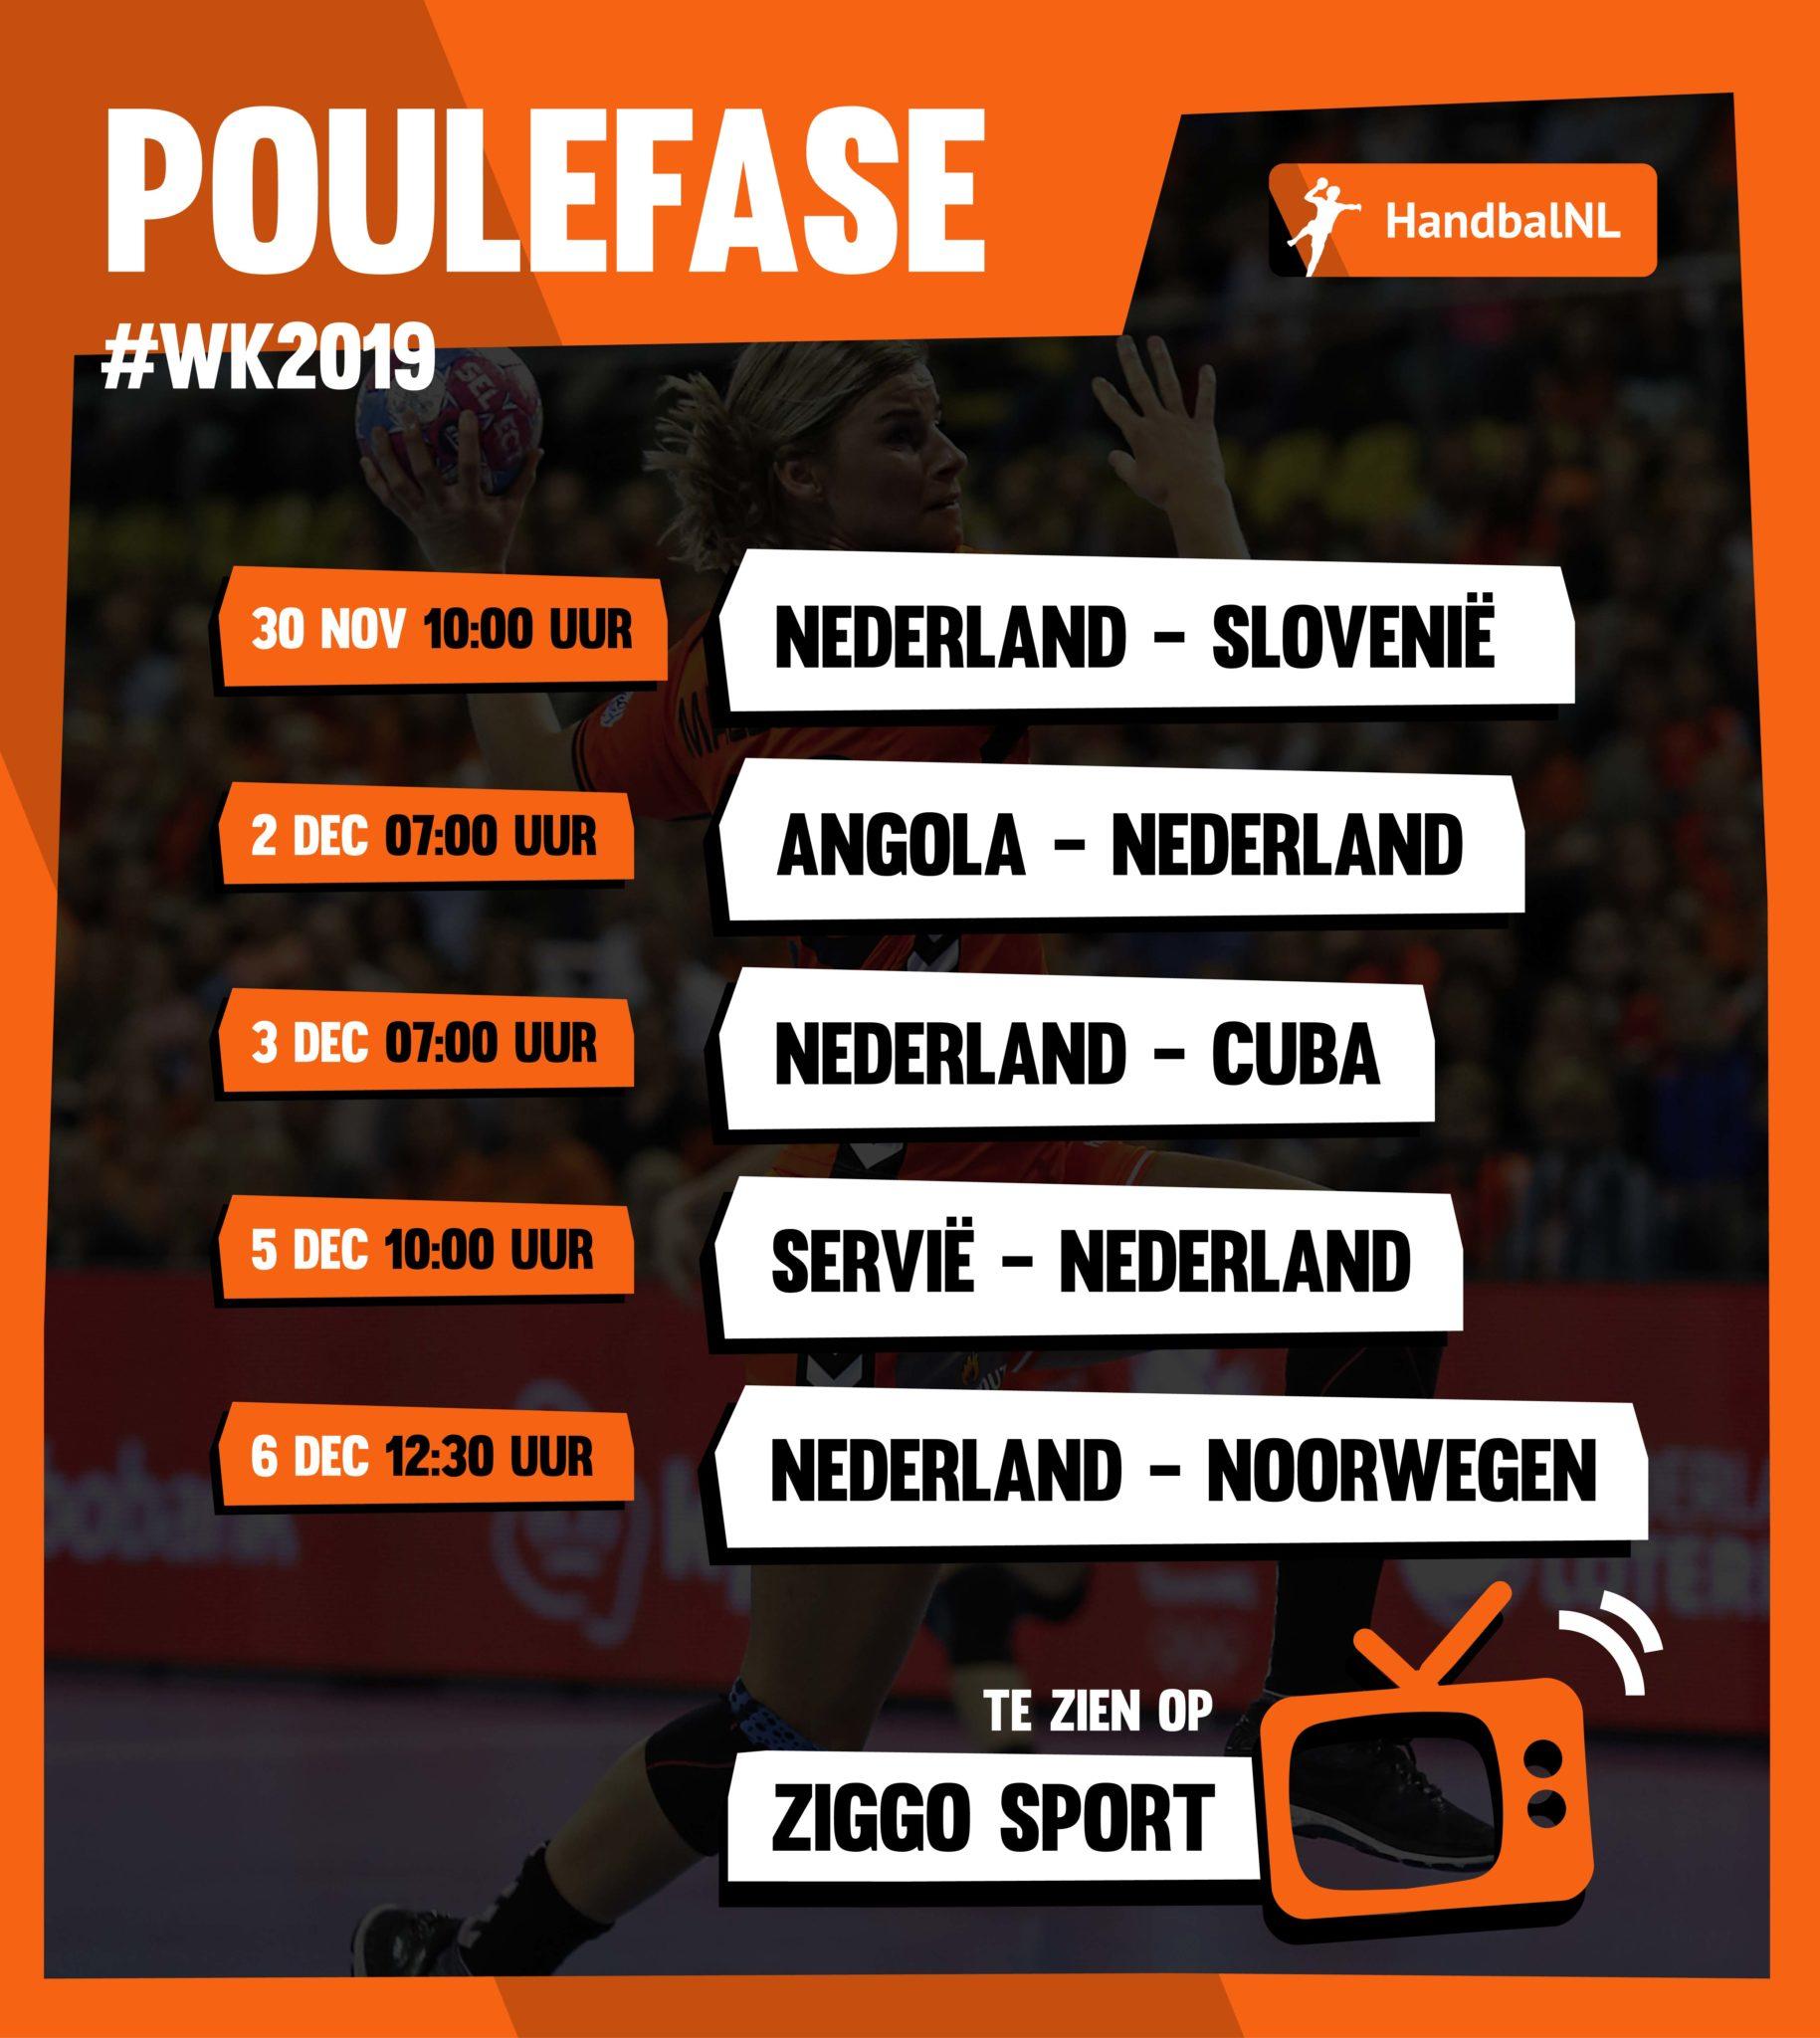 Poulefase WKwedstrijden Ziggosport (002)